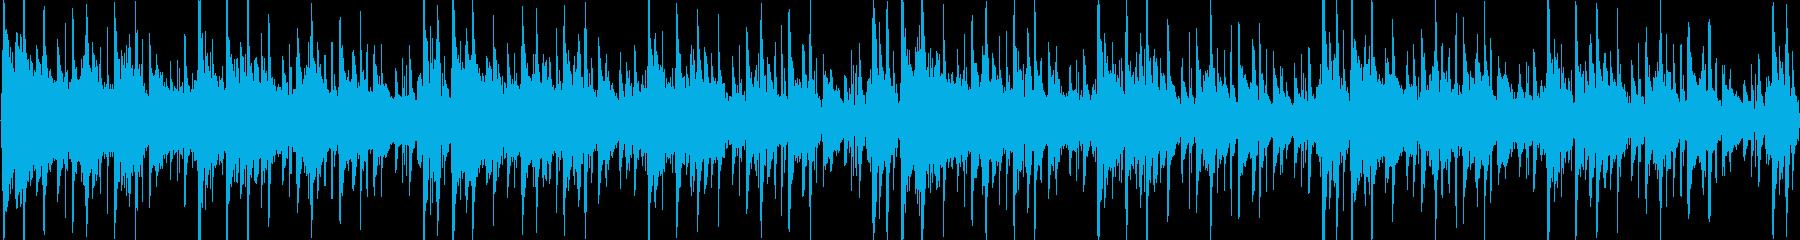 細かく刻まれたリズムをもとにした楽曲で…の再生済みの波形